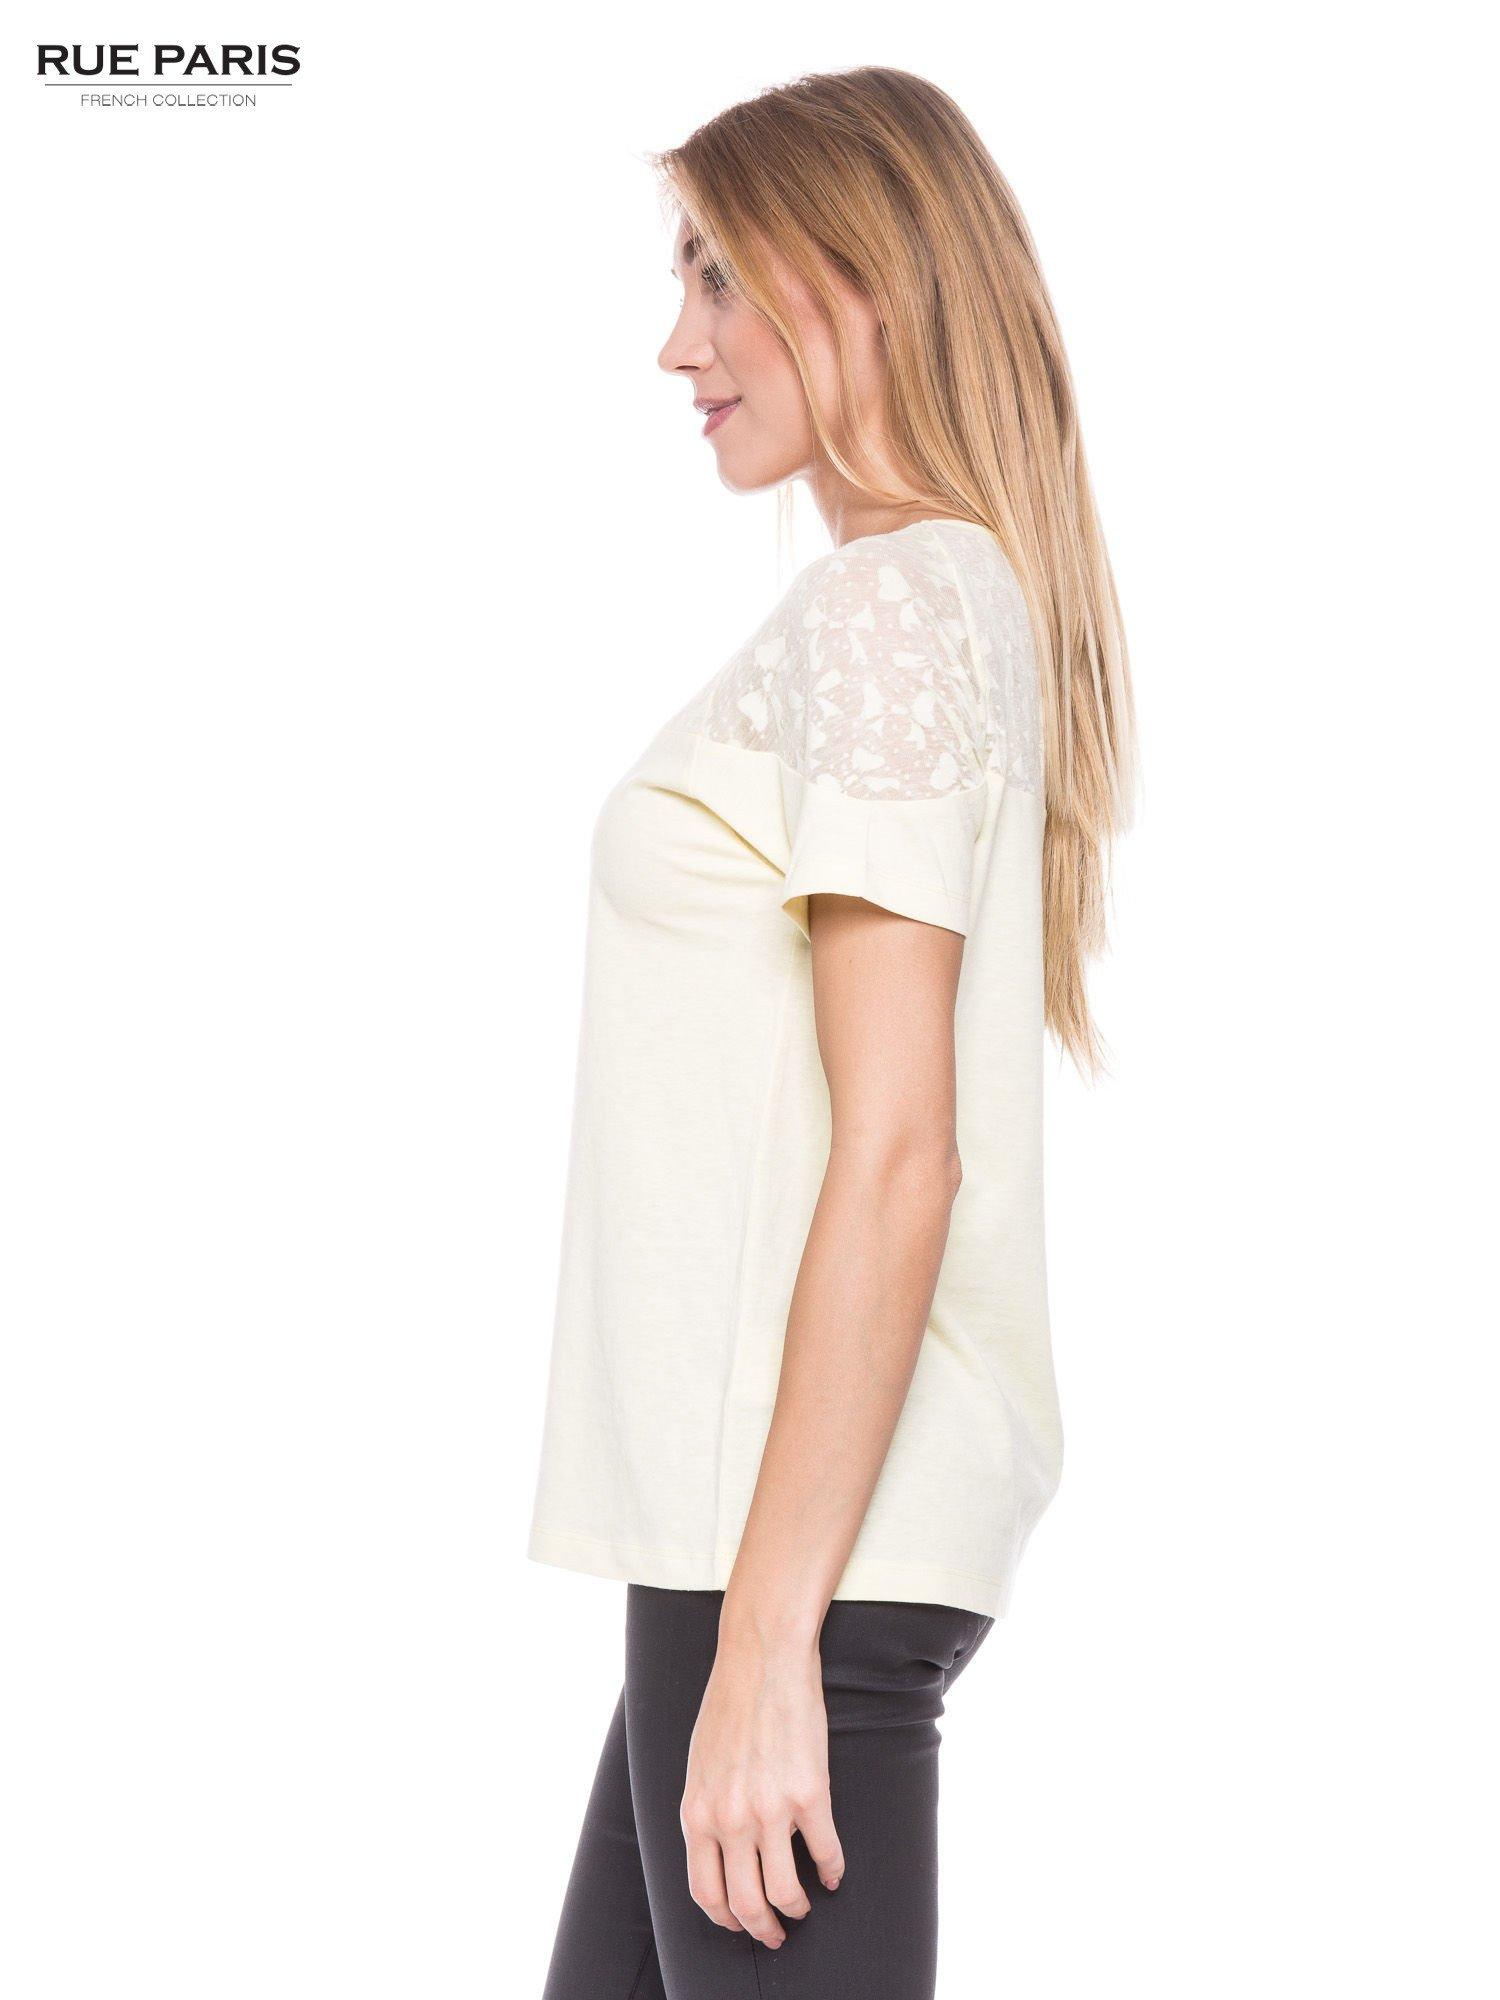 Żółty t-shirt z transparentną górą w kokardki                                  zdj.                                  2